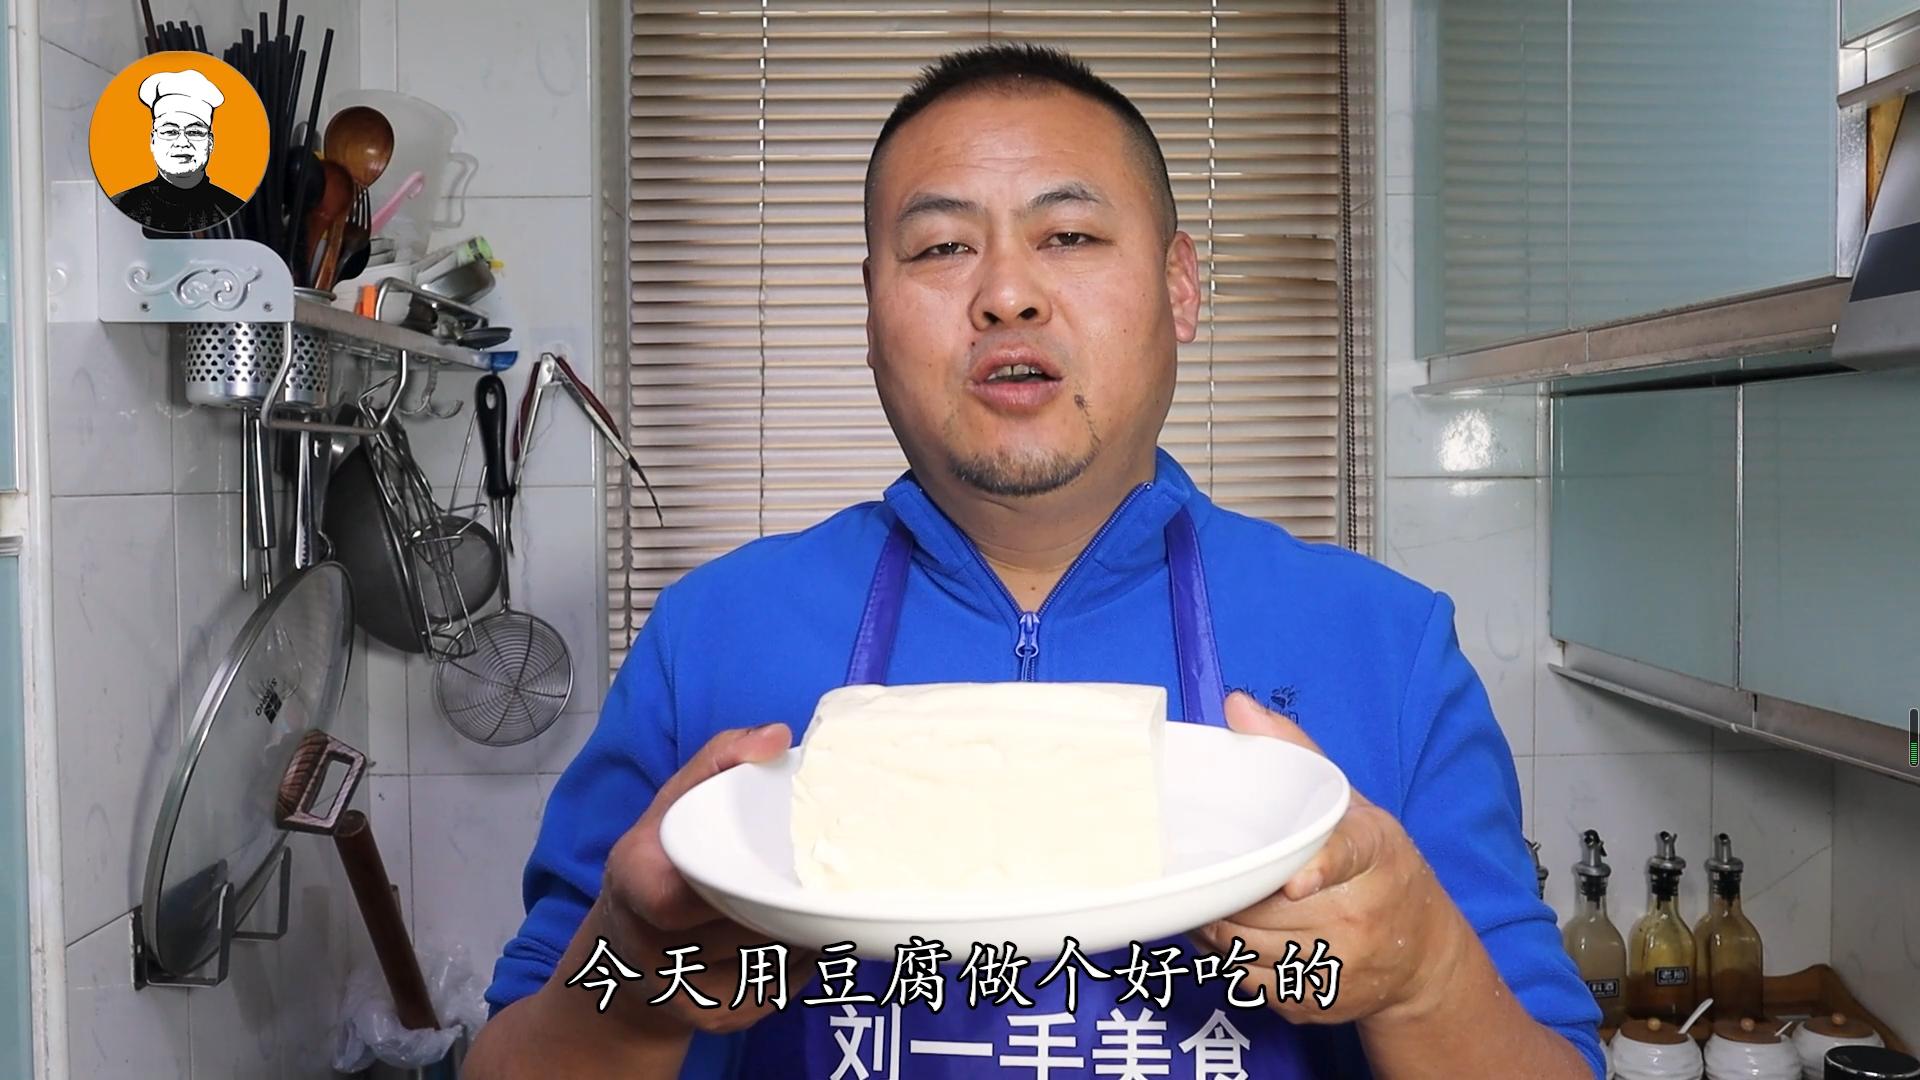 豆腐加鸡蛋这样做,我家一周吃3次,每次米饭都不够吃,太香了 美食做法 第1张